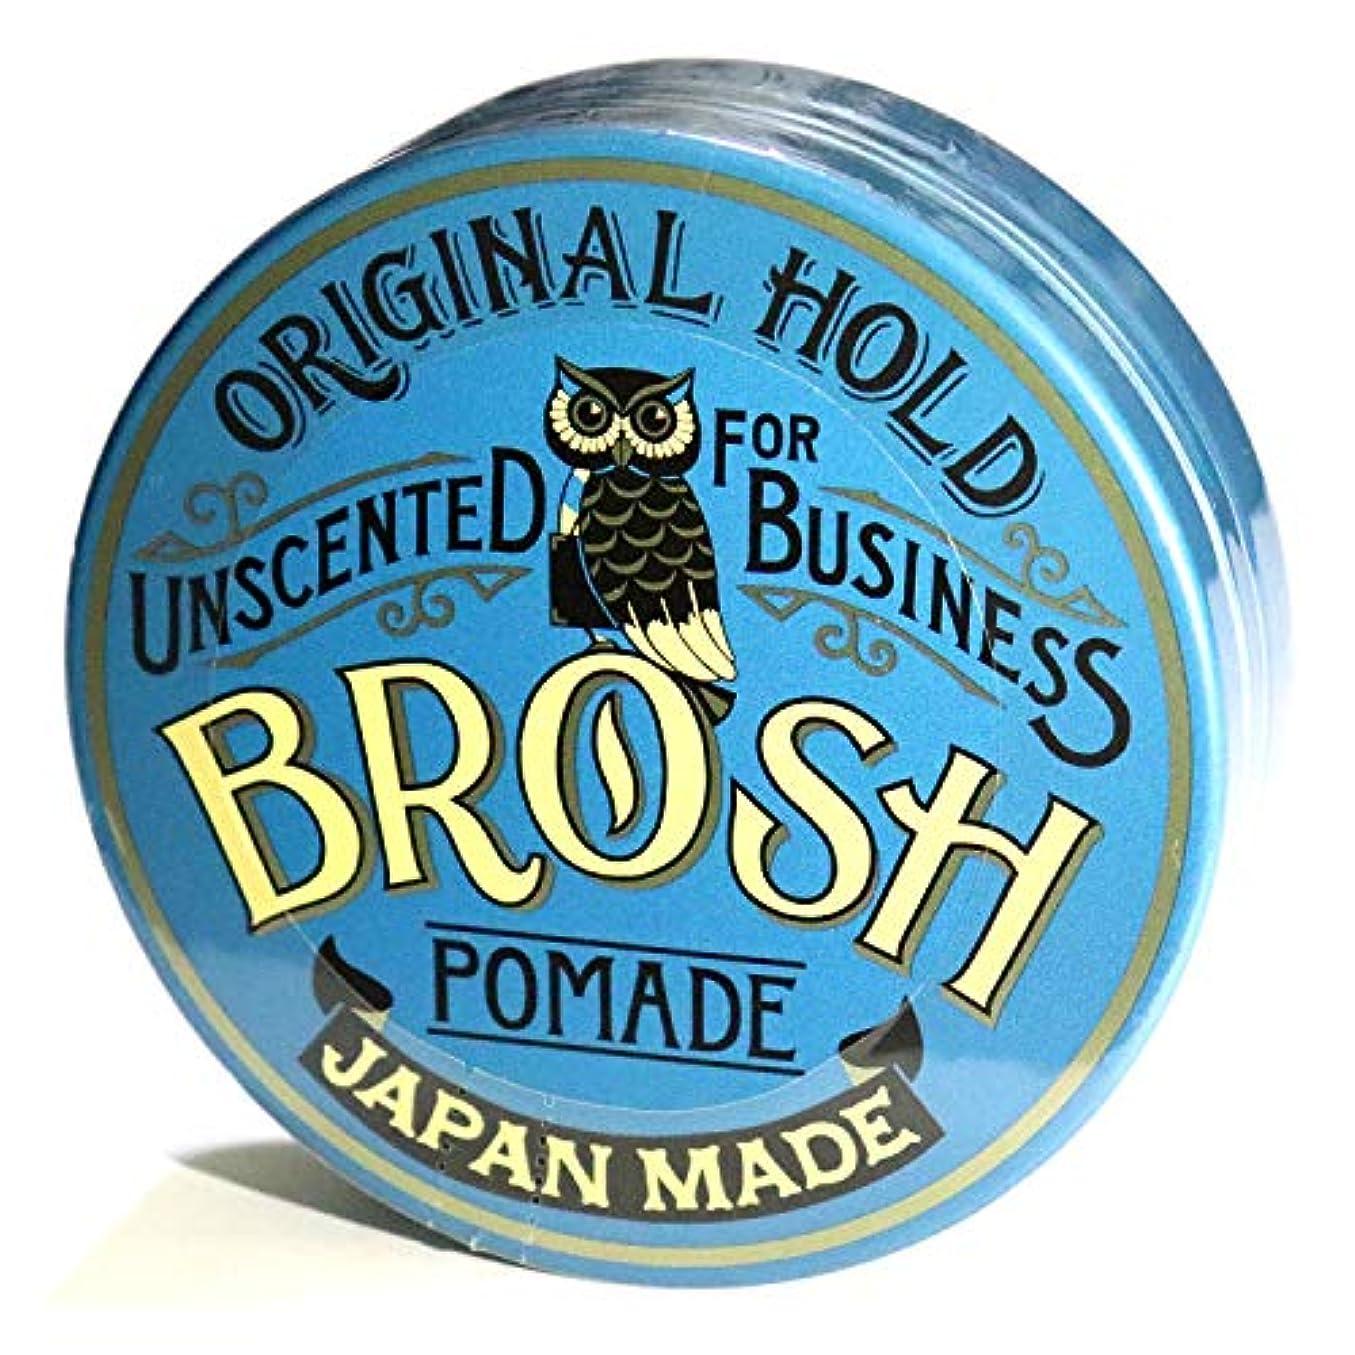 内側デッキ首尾一貫したBROSH (ブロッシュ) BROSH POMADE UNSCENTED/BIZ 115g 水性ポマード 整髪料 無香料